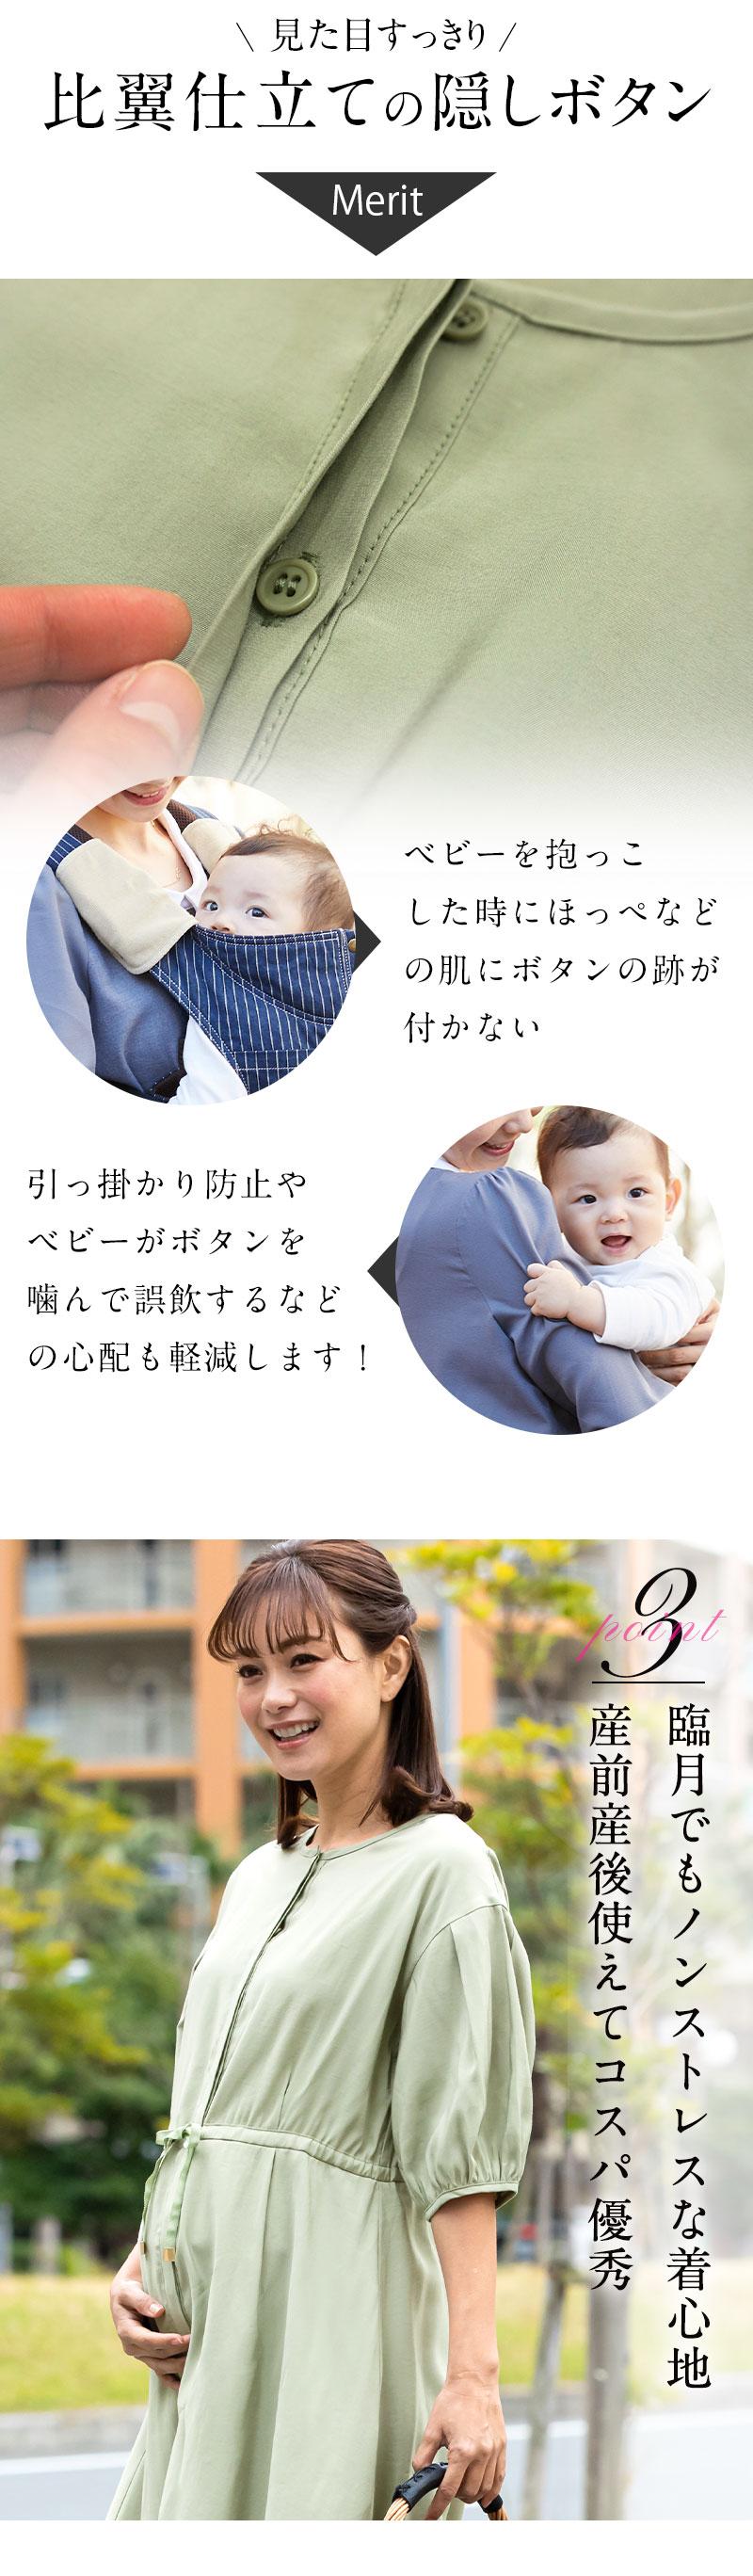 ふんわりシルエットで可愛く体型カバー、産前産後使えるバルーンスリーブ授乳ワンピ